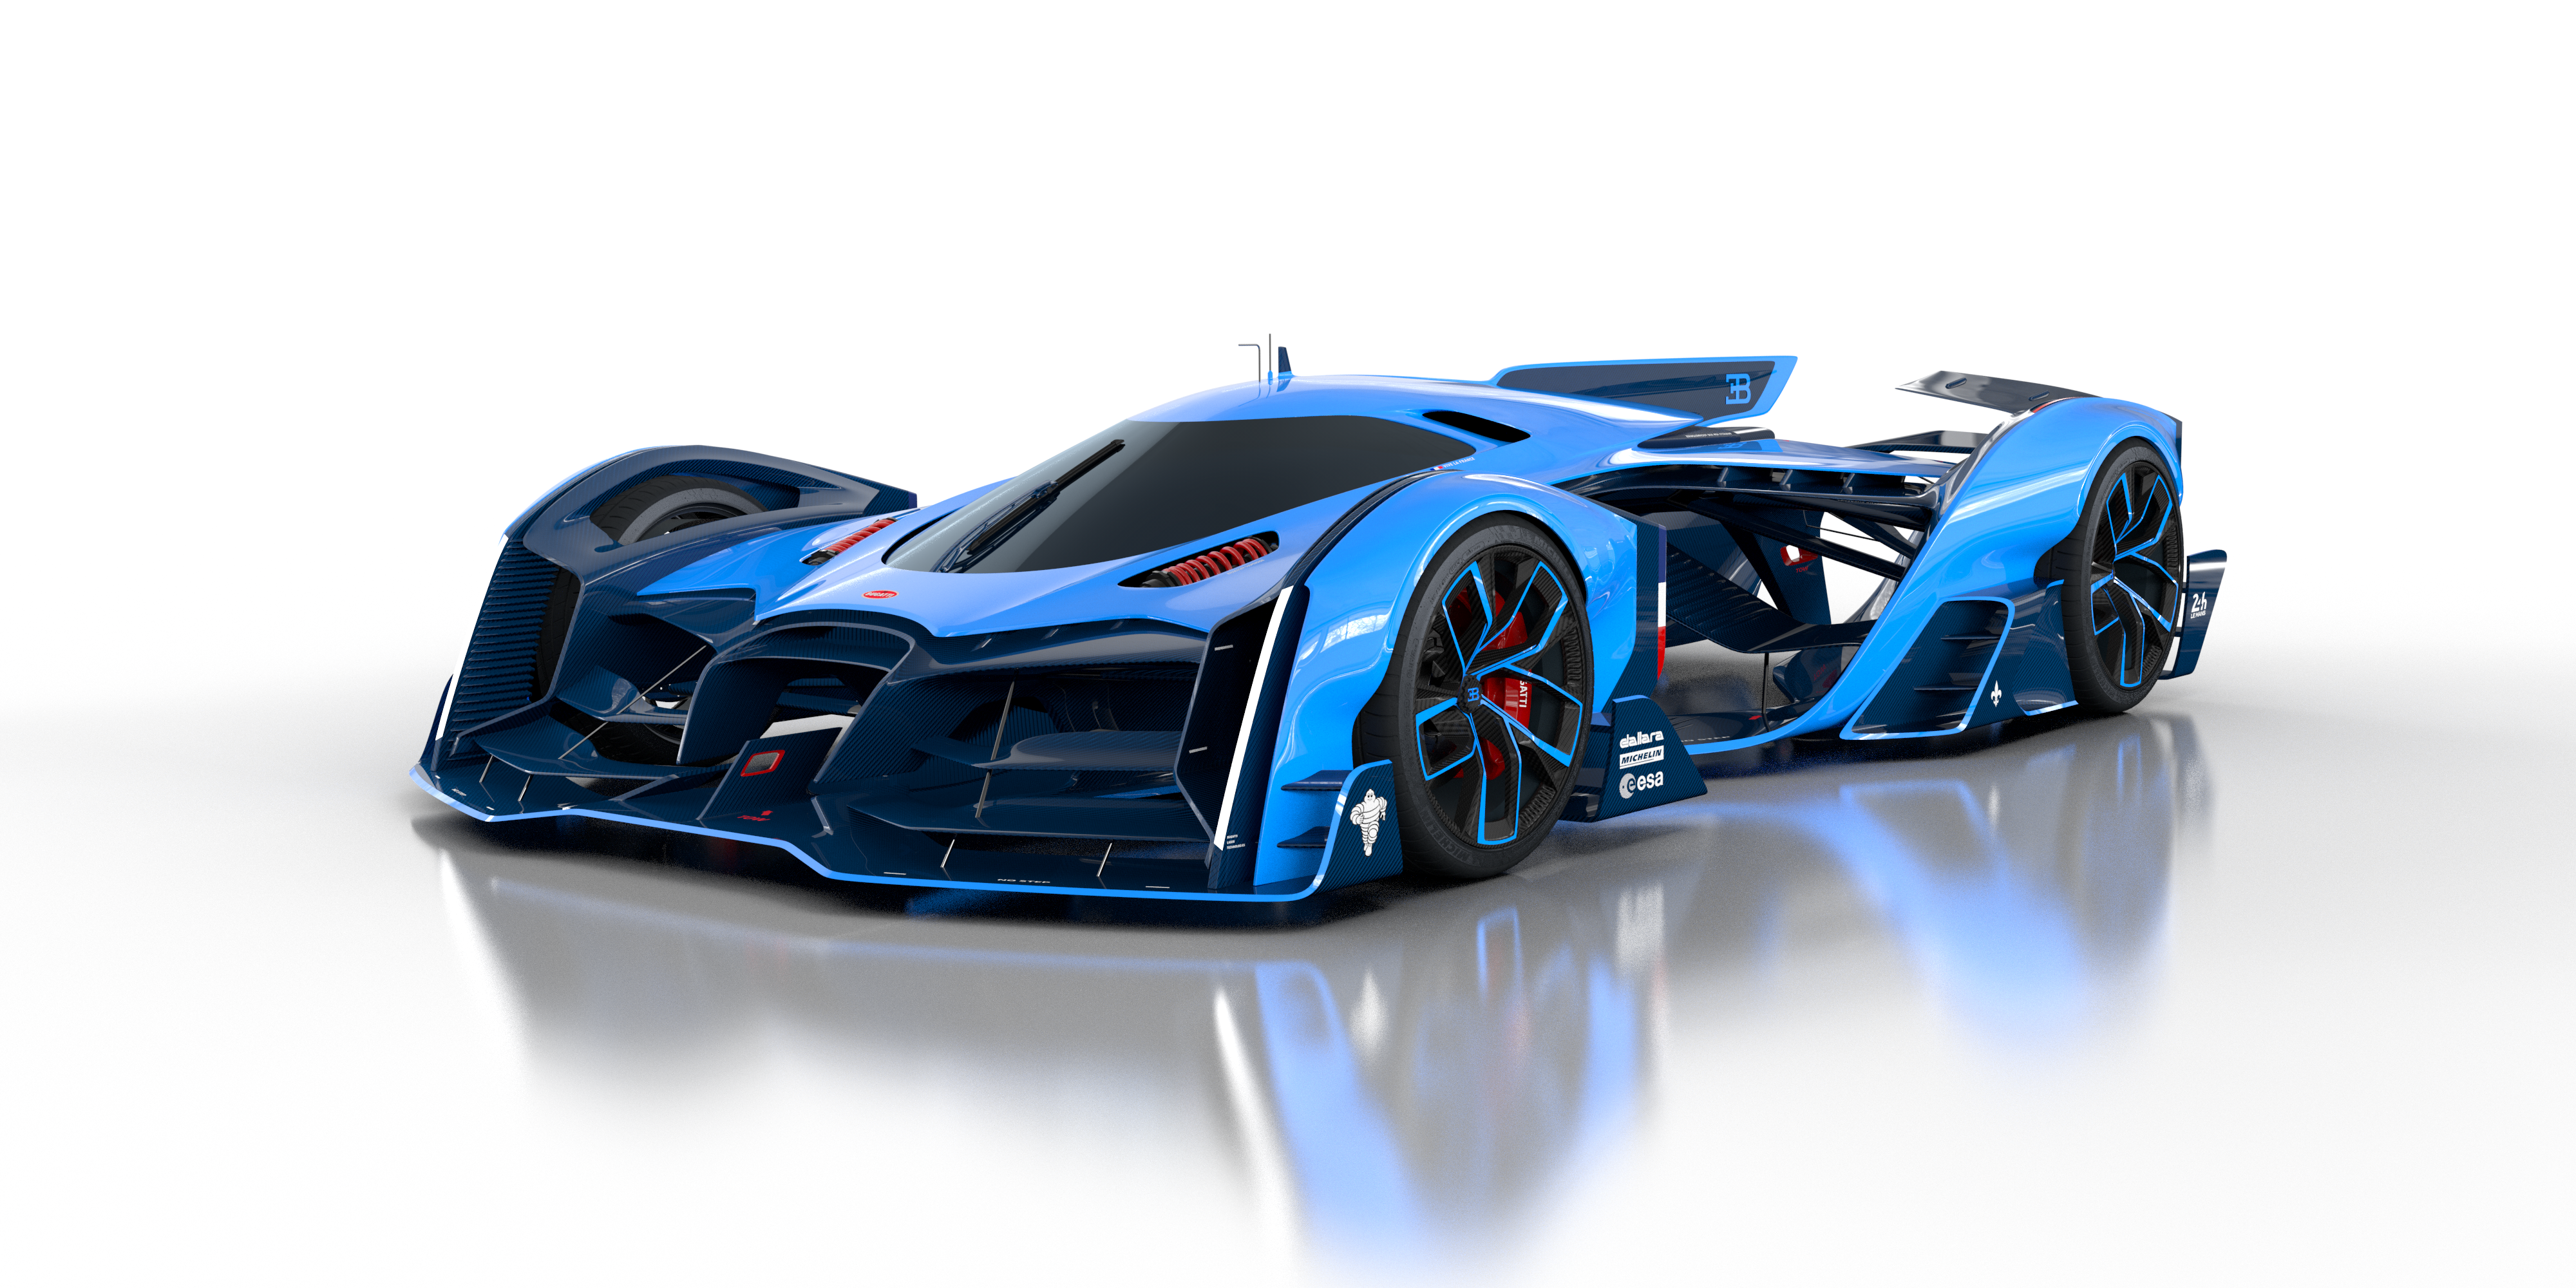 Bugatti Vision Le Mans Concept Photo Gallery Autoblog In 2020 Bugatti Concept Super Cars Bugatti